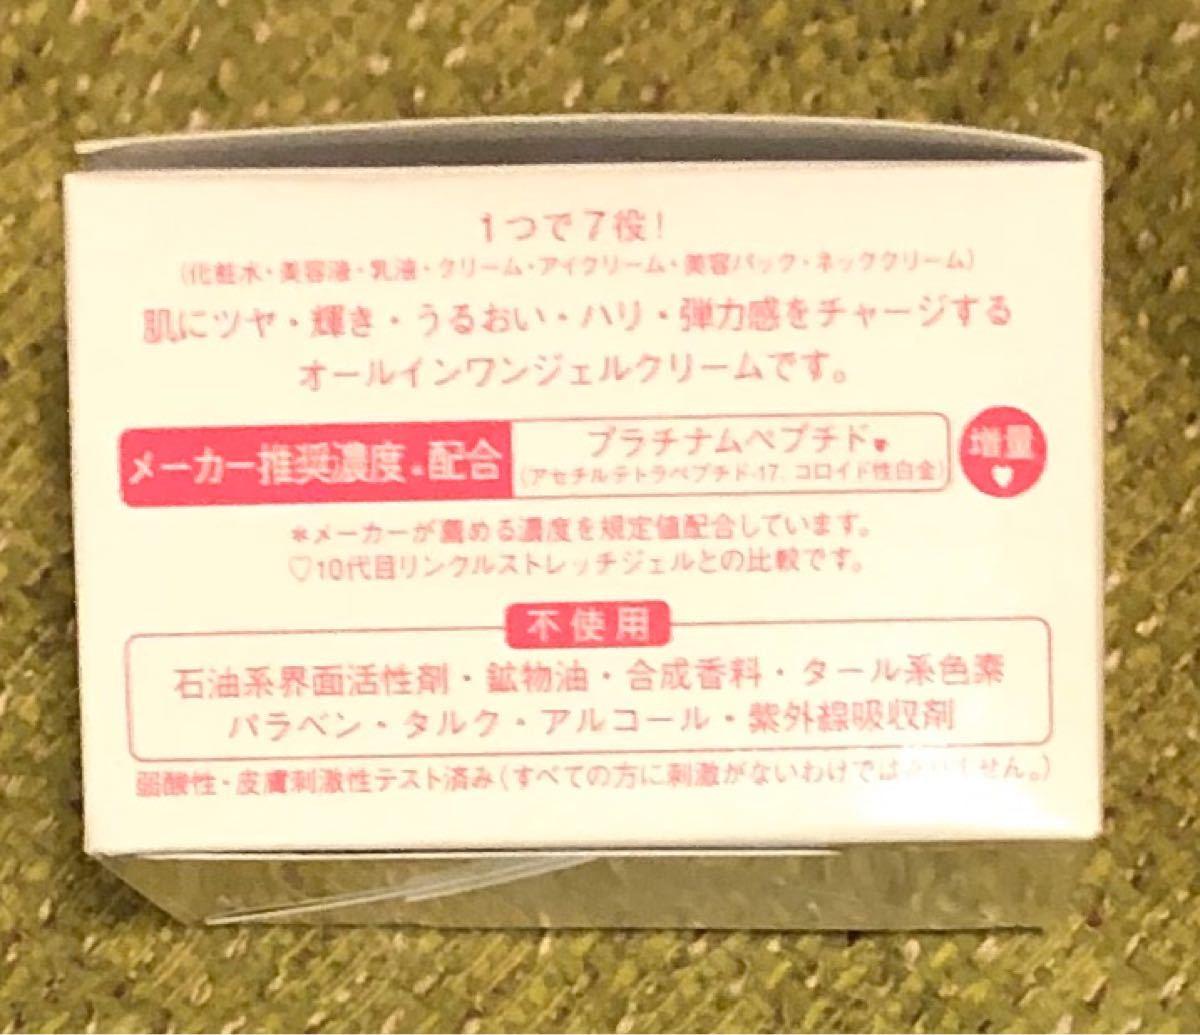 パーリーデュー リンクルストレッチジェル【新品未使用】